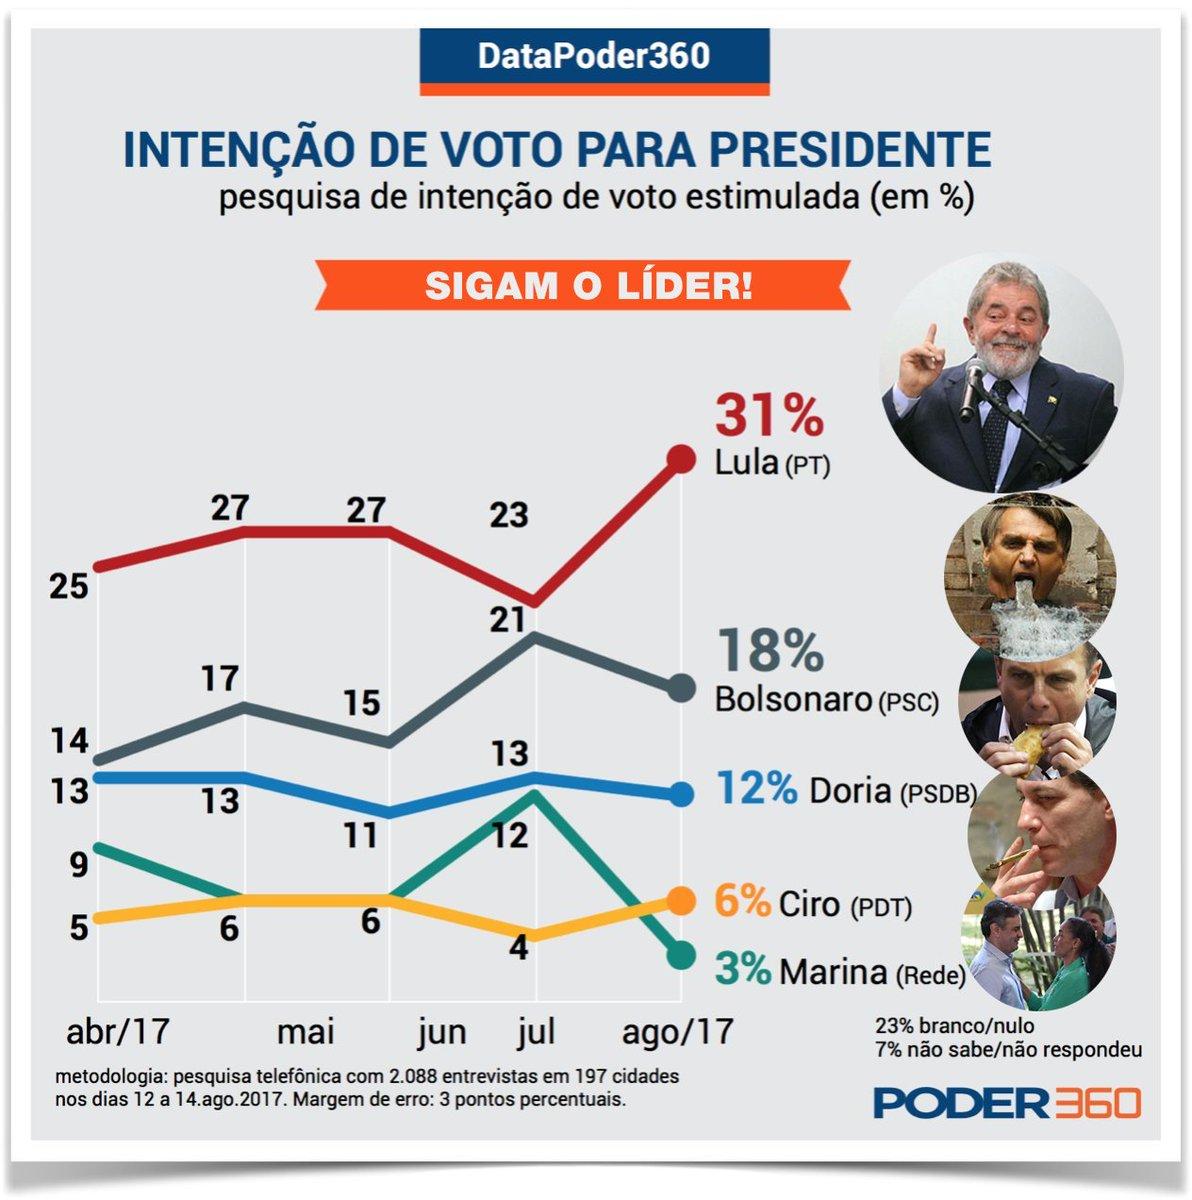 7eb12b565 Eleição 2018 - intenção de voto para presidente